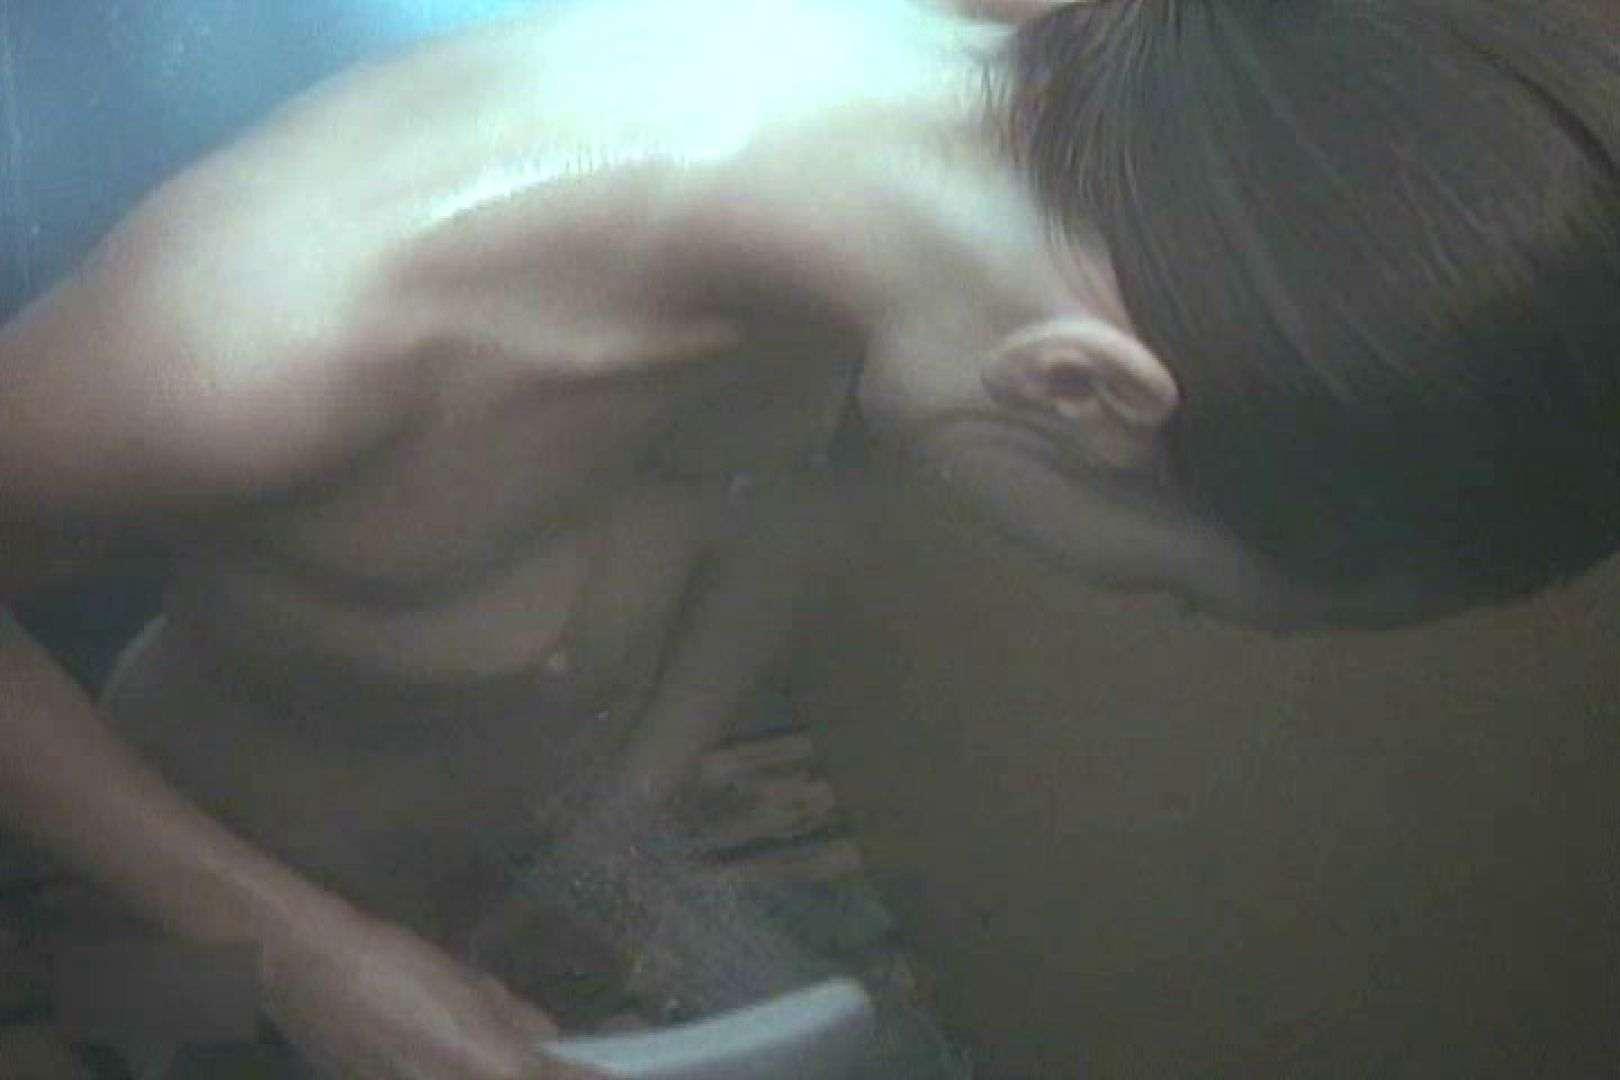 夏海シャワー室!ベトベトお肌をサラサラに!VOL.13 OLエロ画像 のぞき動画画像 85PICs 57